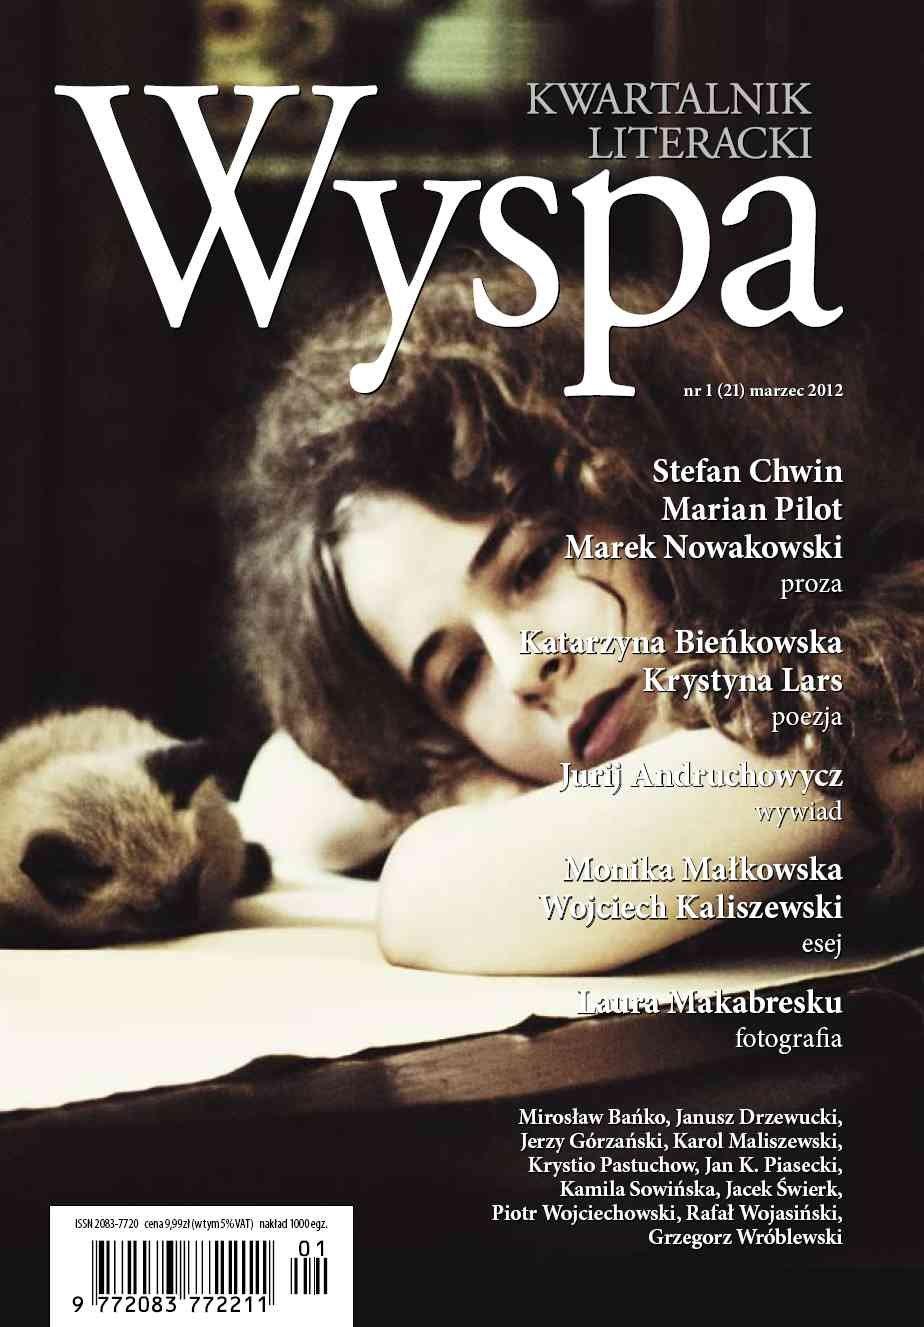 WYSPA Kwartalnik Literacki - nr 1/2012 (21) - Ebook (Książka PDF) do pobrania w formacie PDF